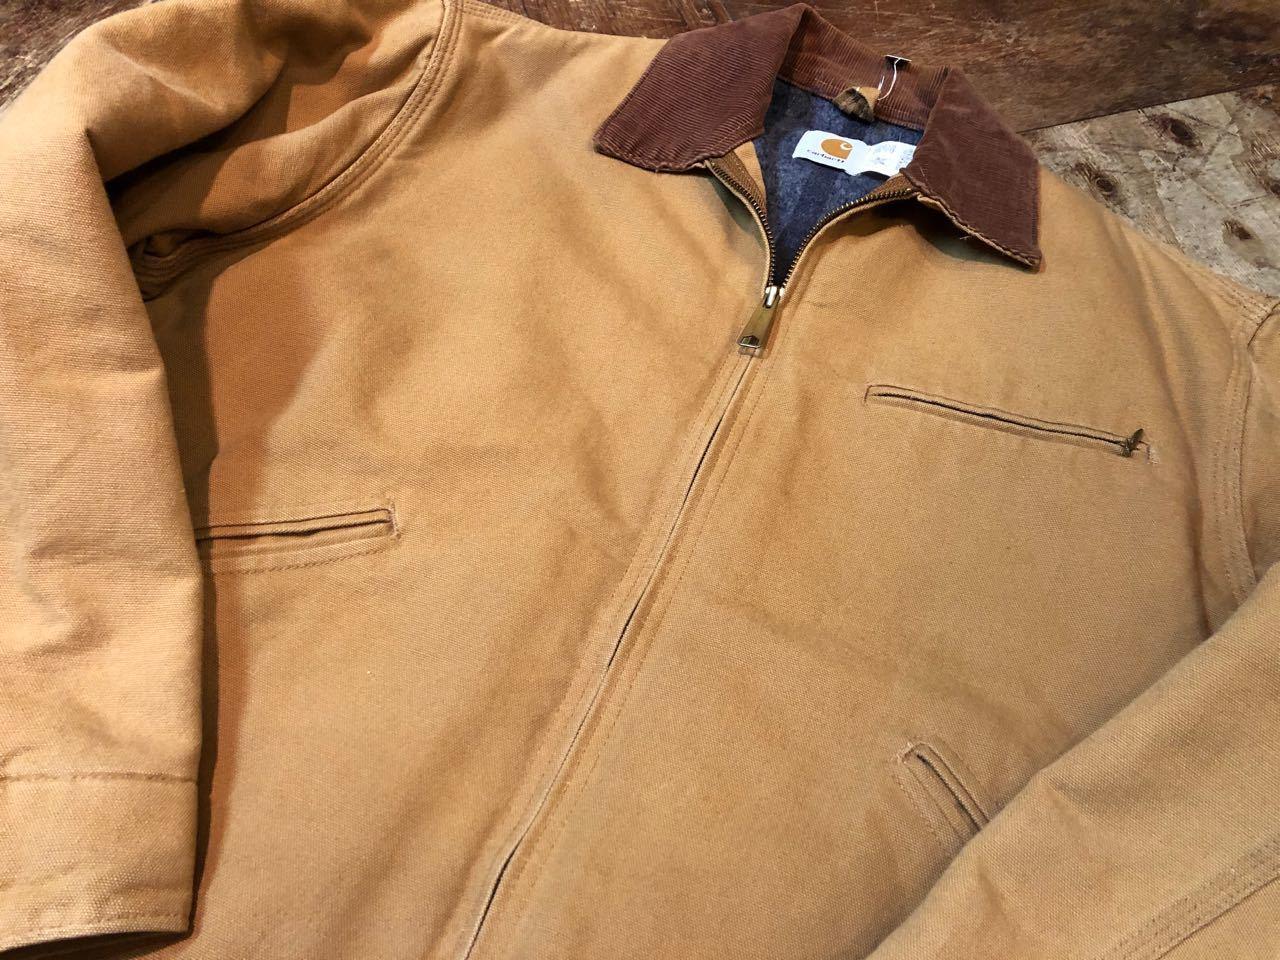 11月14日(土)入荷!80s〜MADE IN U.S.A  CARHARTT カーハート  デトロイトジャケット!_c0144020_13350316.jpg